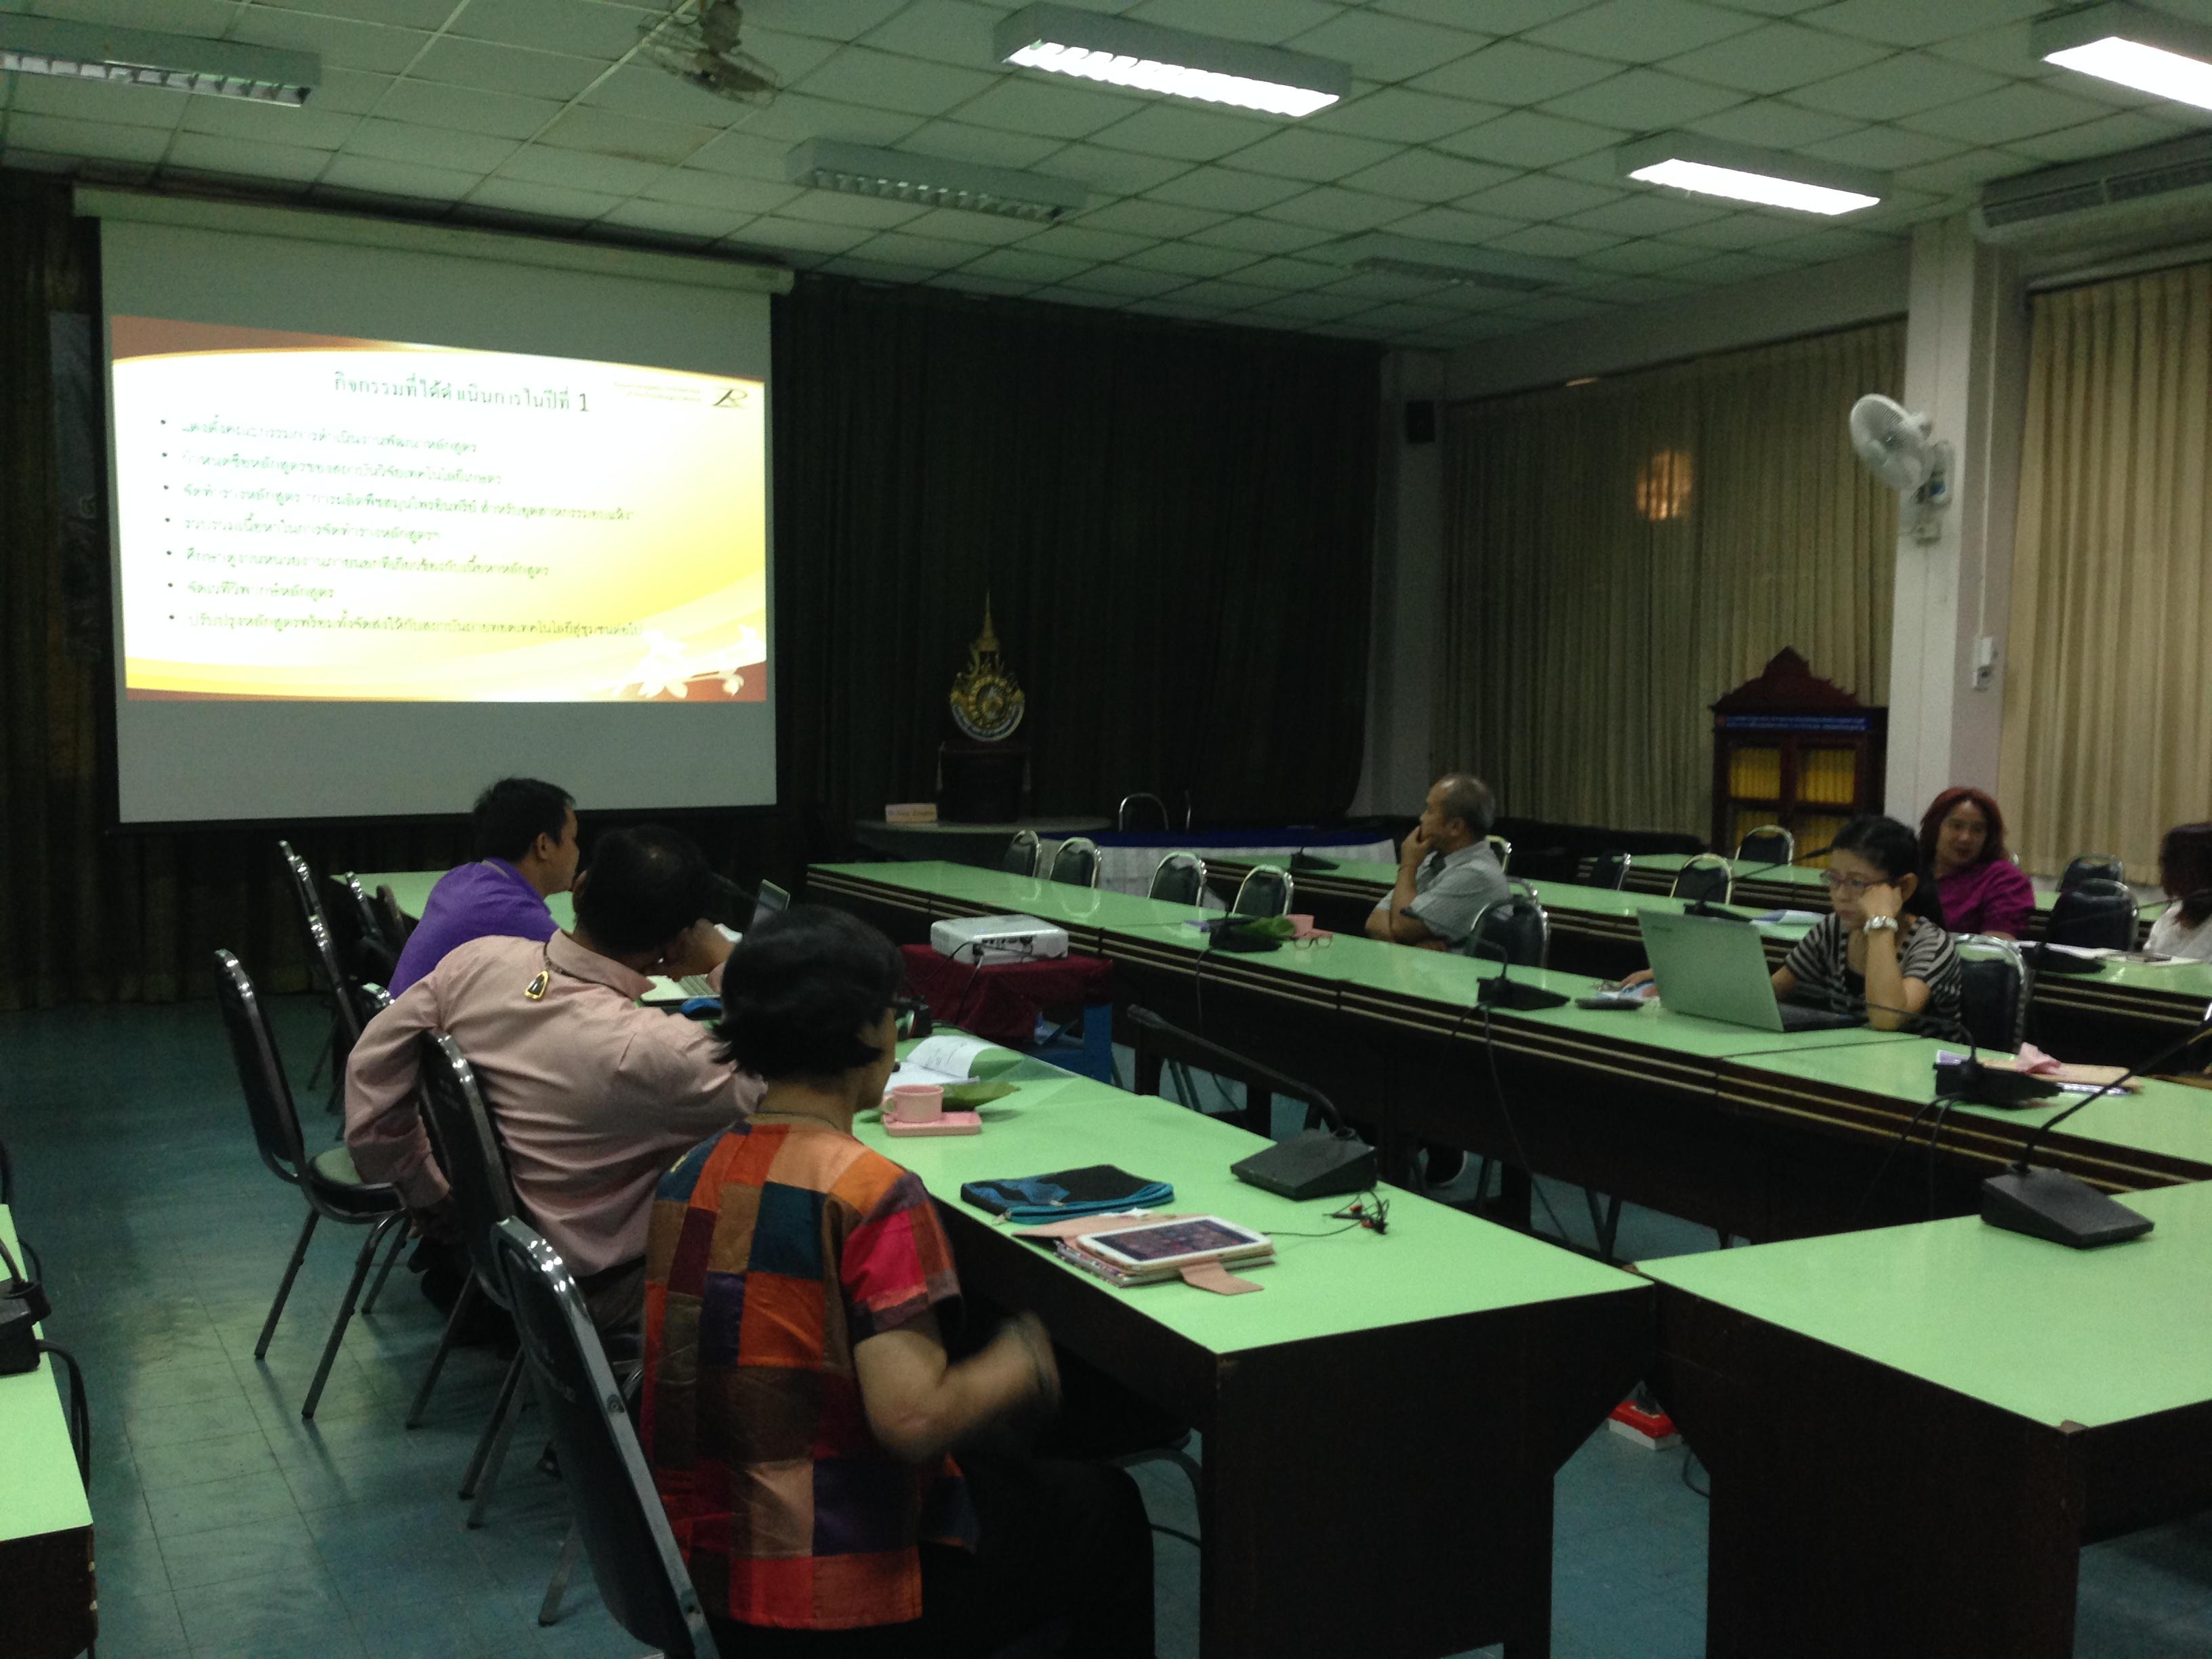 โครงการประชุมเตรียมความพร้อมการจัดอบรมเชิงปฏิบัติเพื่อพัฒนาหลักสูตรอาชีพ